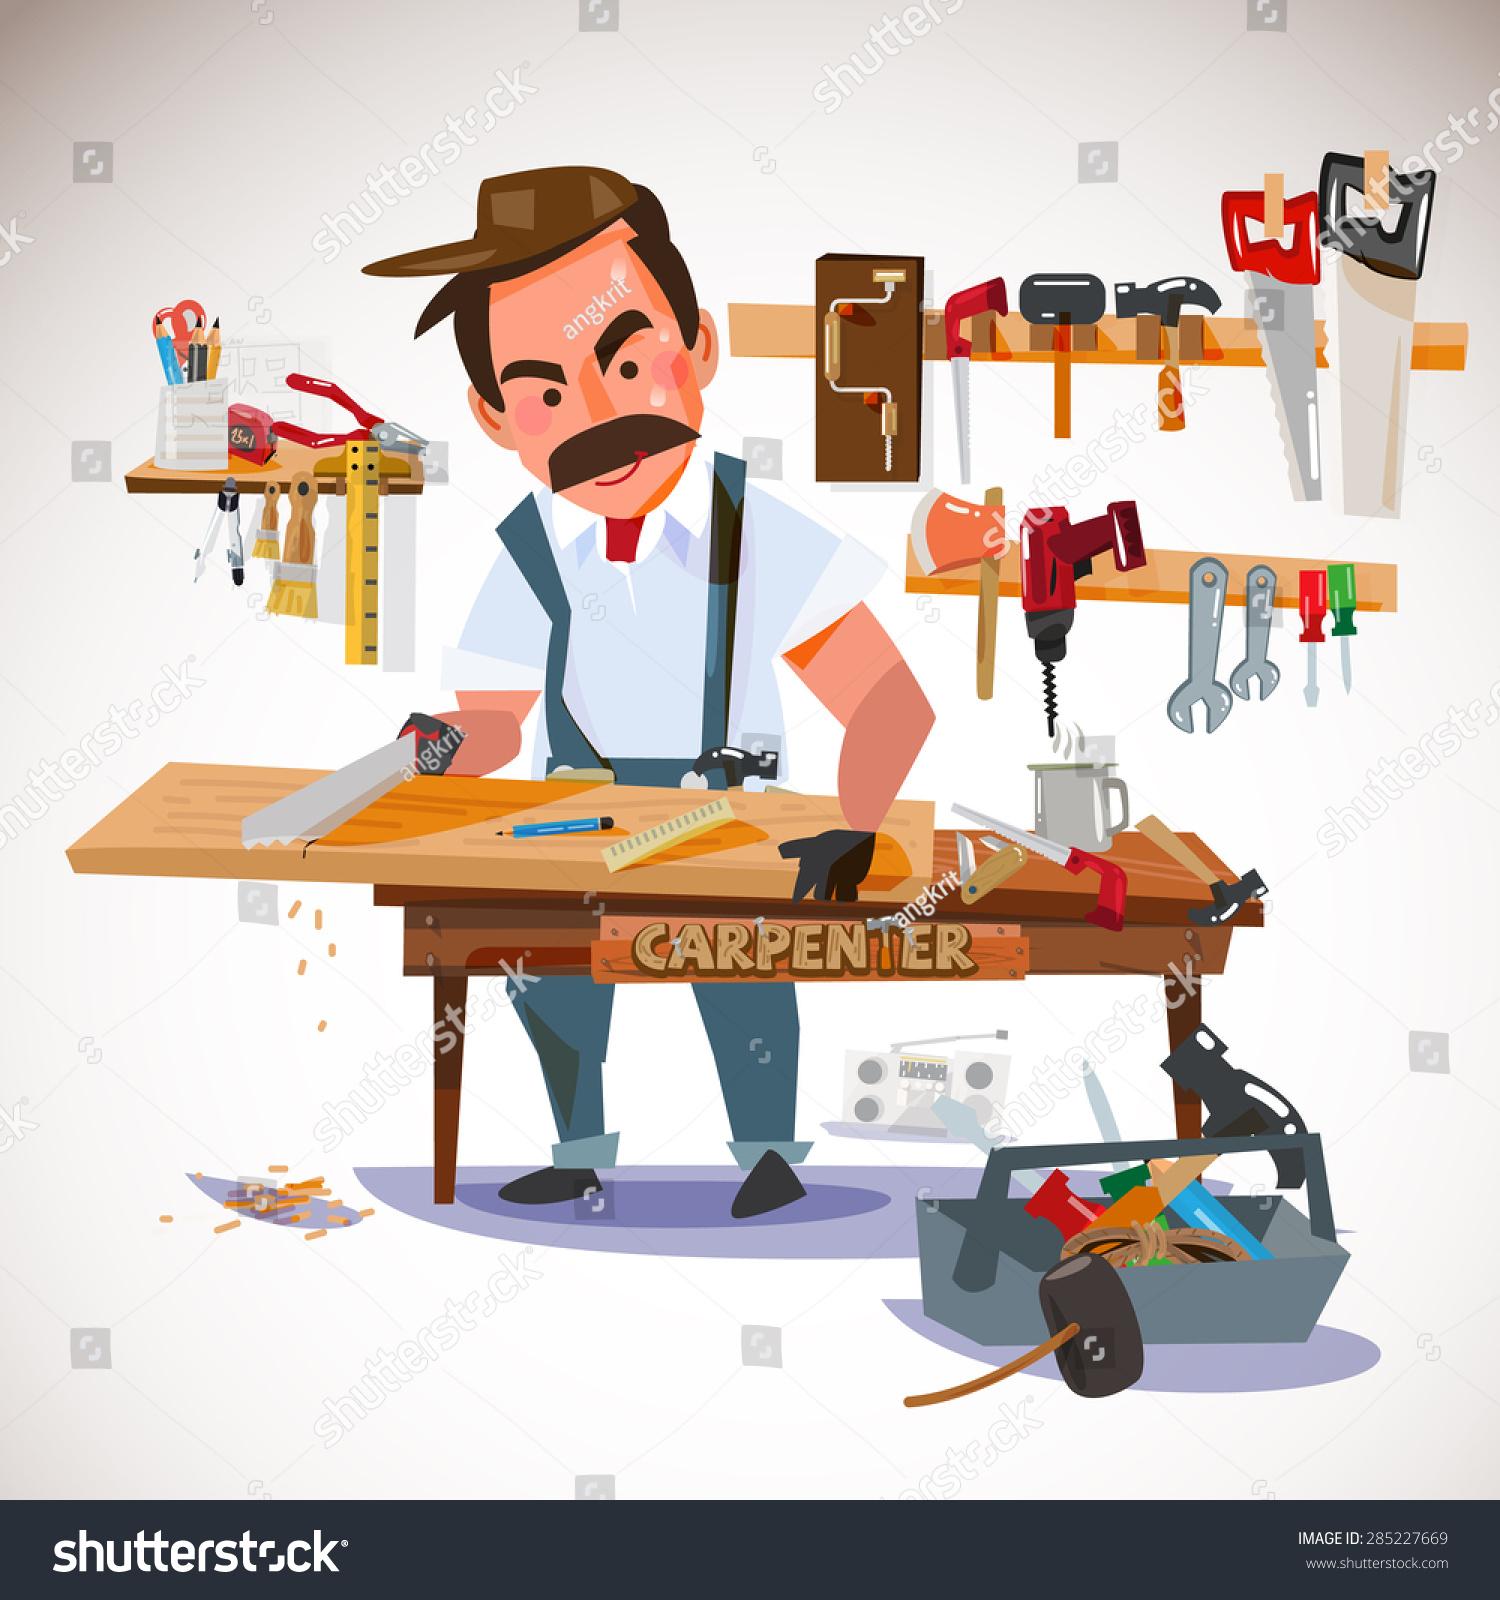 carpenter sawing wood board workshop set stock vector. Black Bedroom Furniture Sets. Home Design Ideas